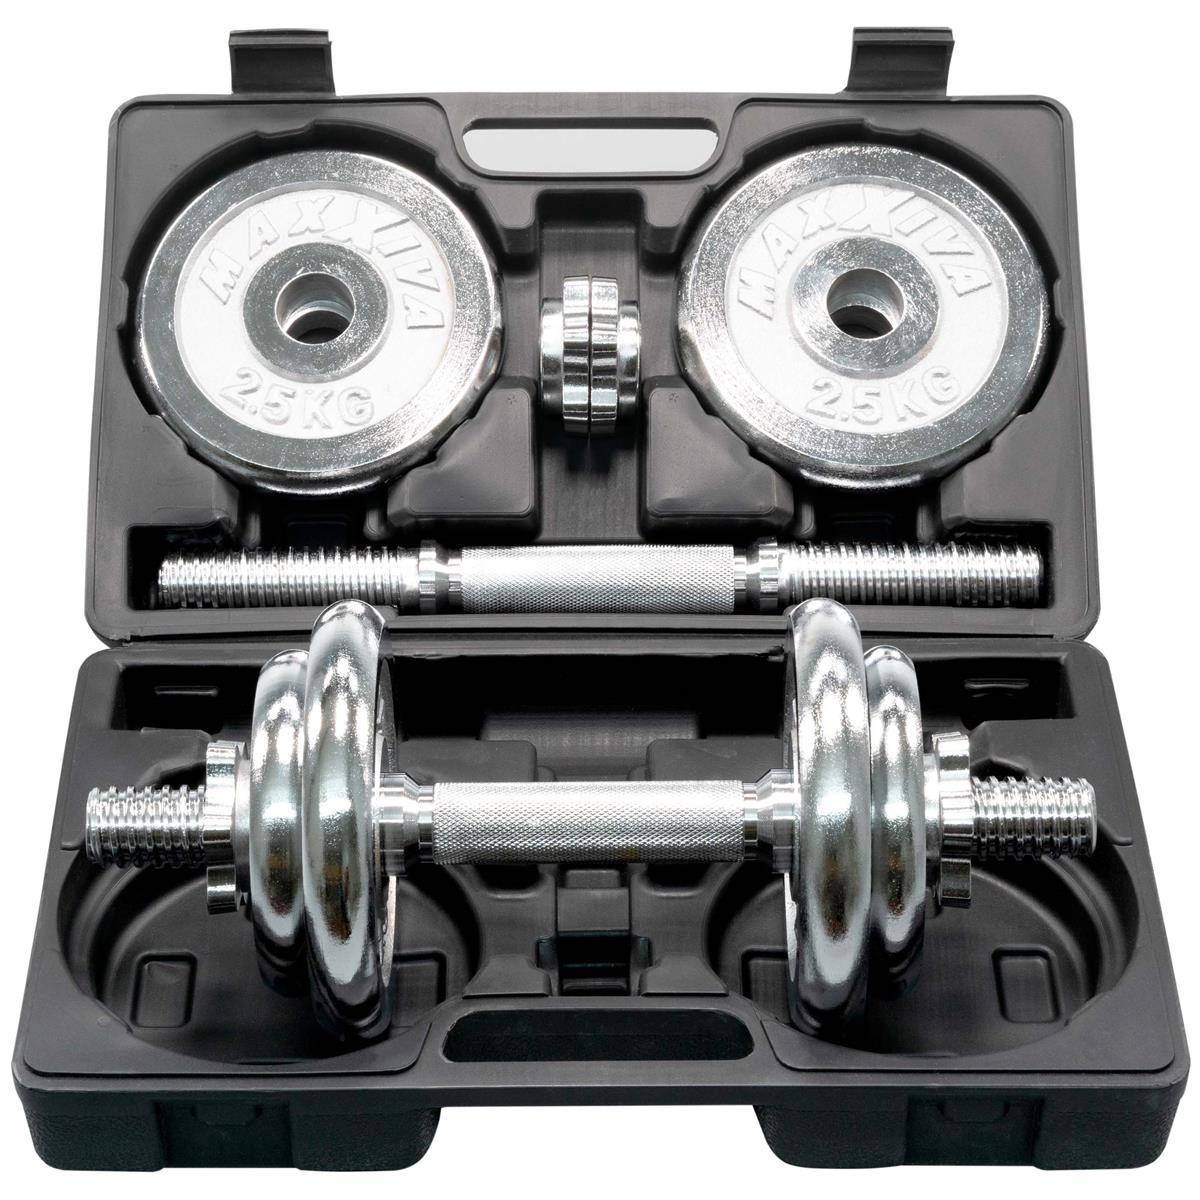 MAXXIVA Kurzhantel-Set Chrome 2x10kg 8 Gewichte Sternverschlüsse Hanteln